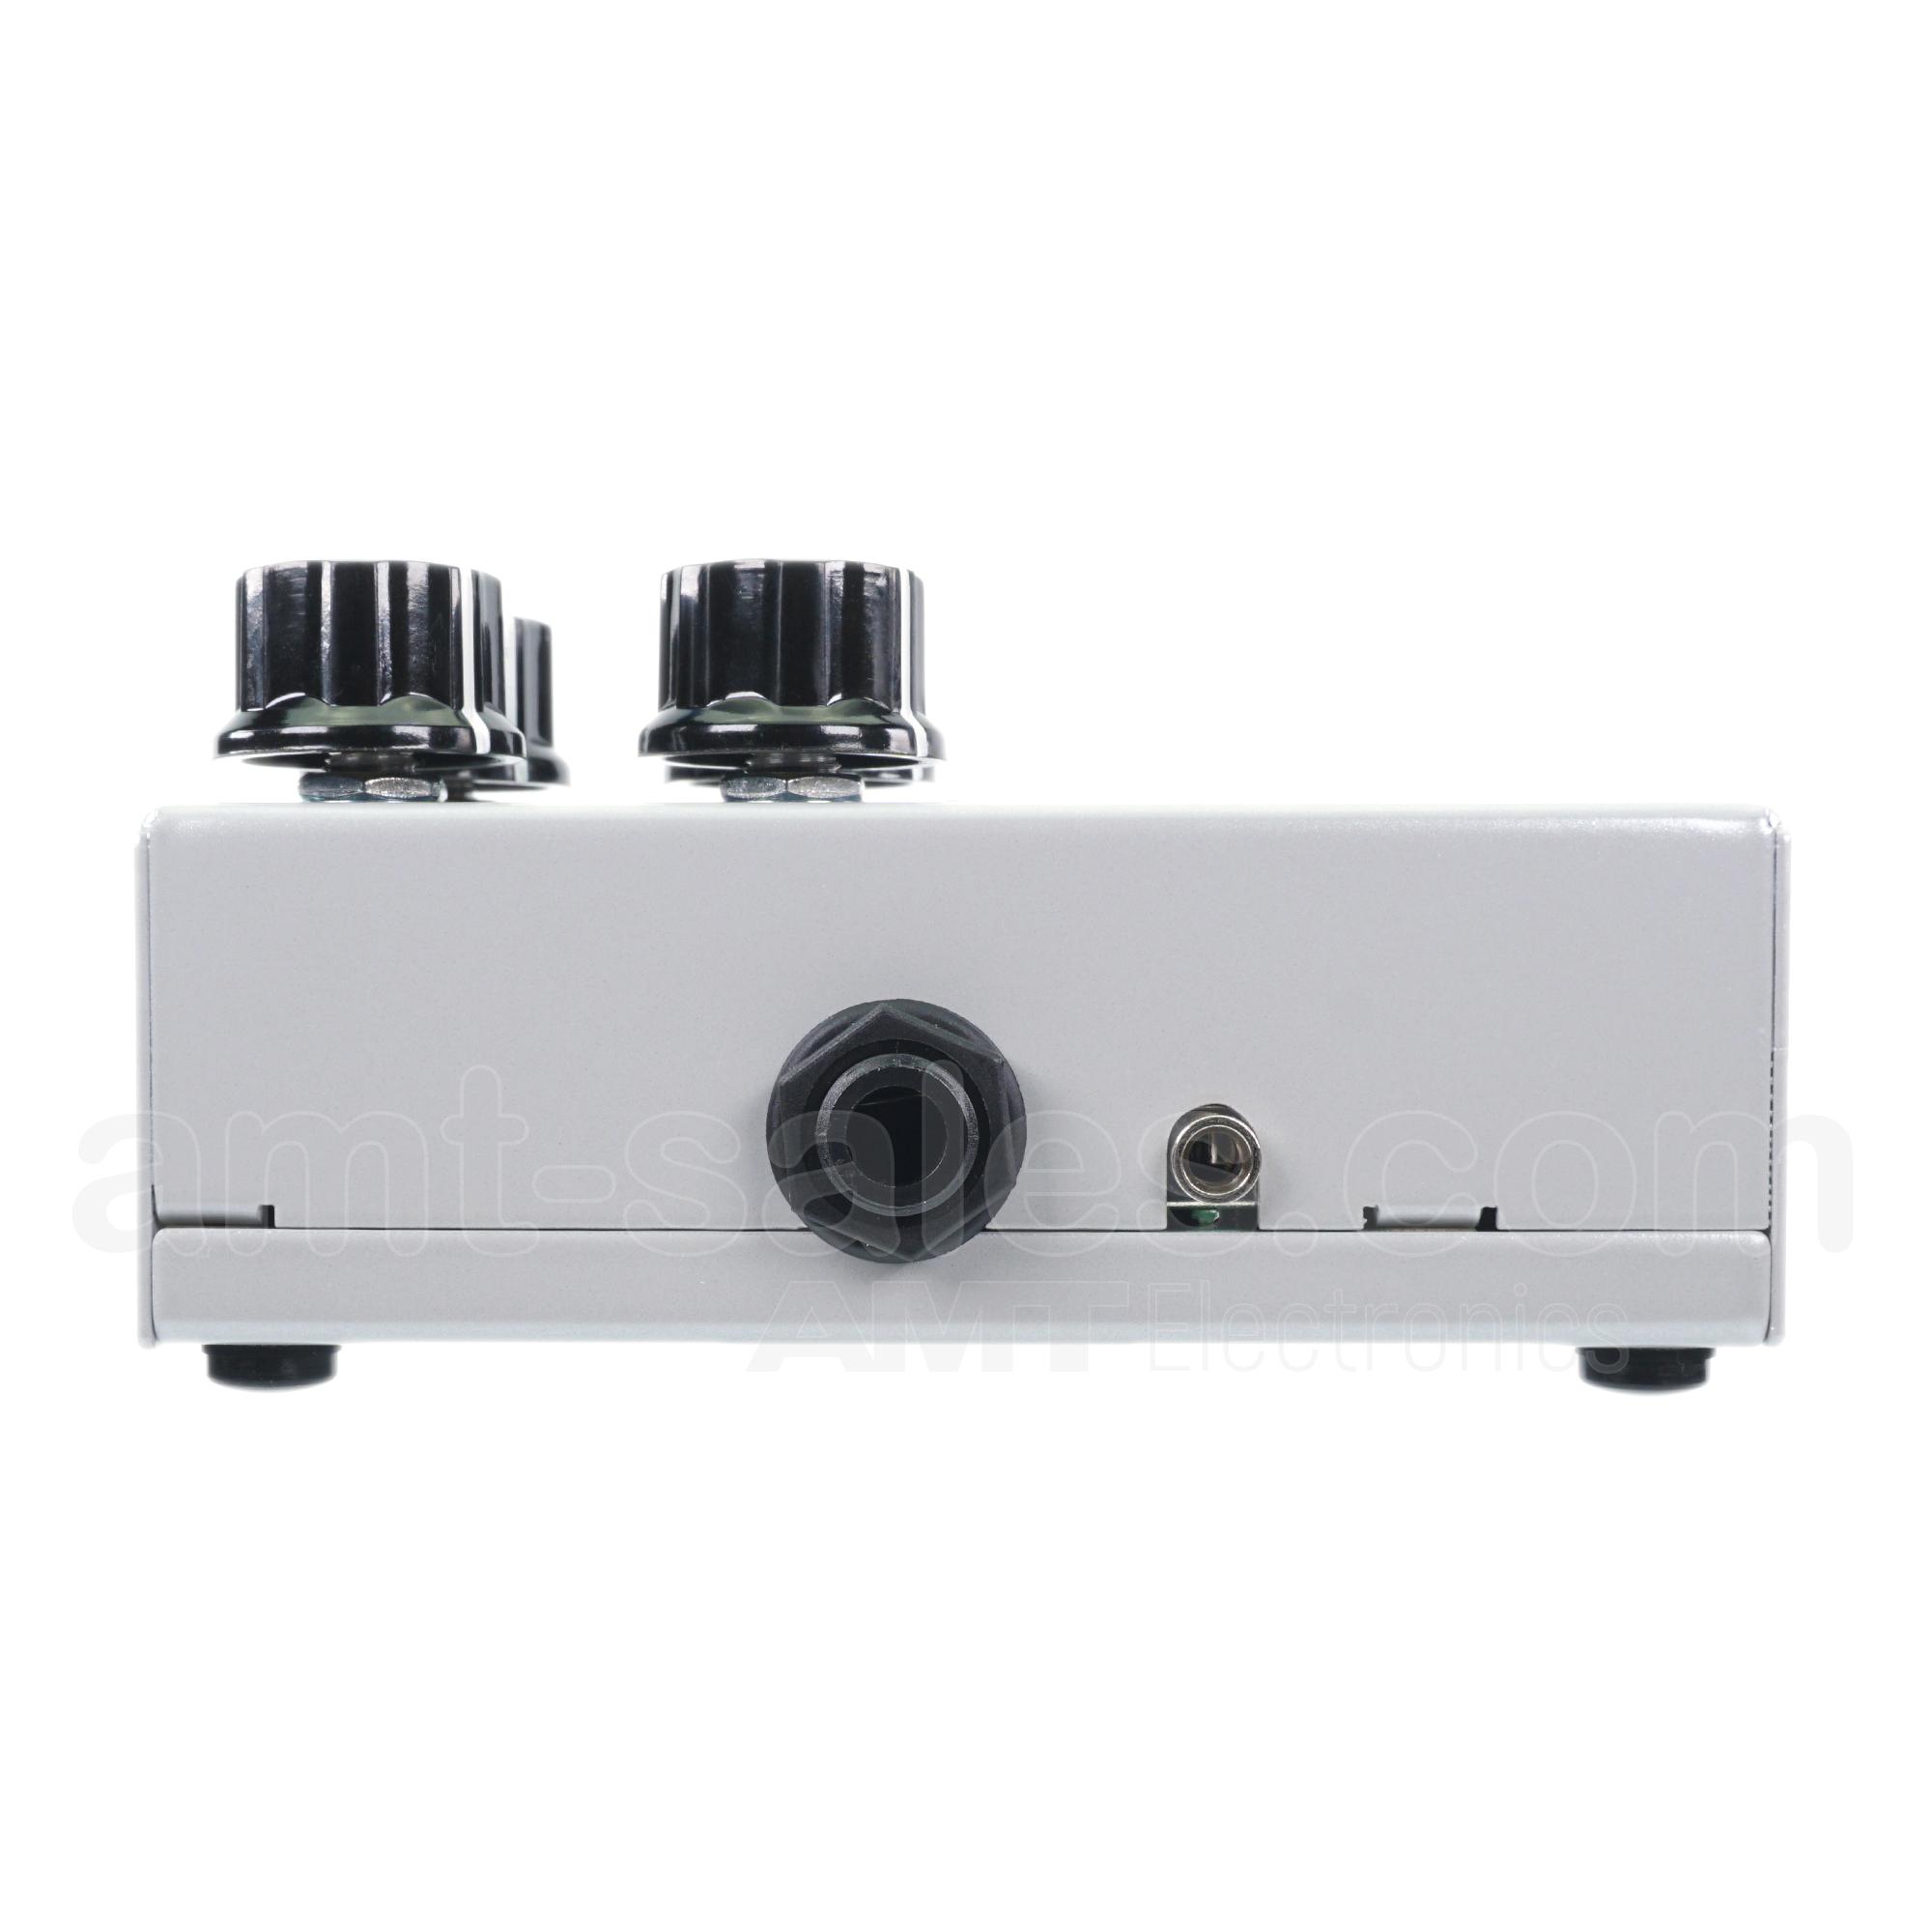 AMT Chameleon CAB CN-1 - CabSim pedal - Speaker Cabinet Emulator